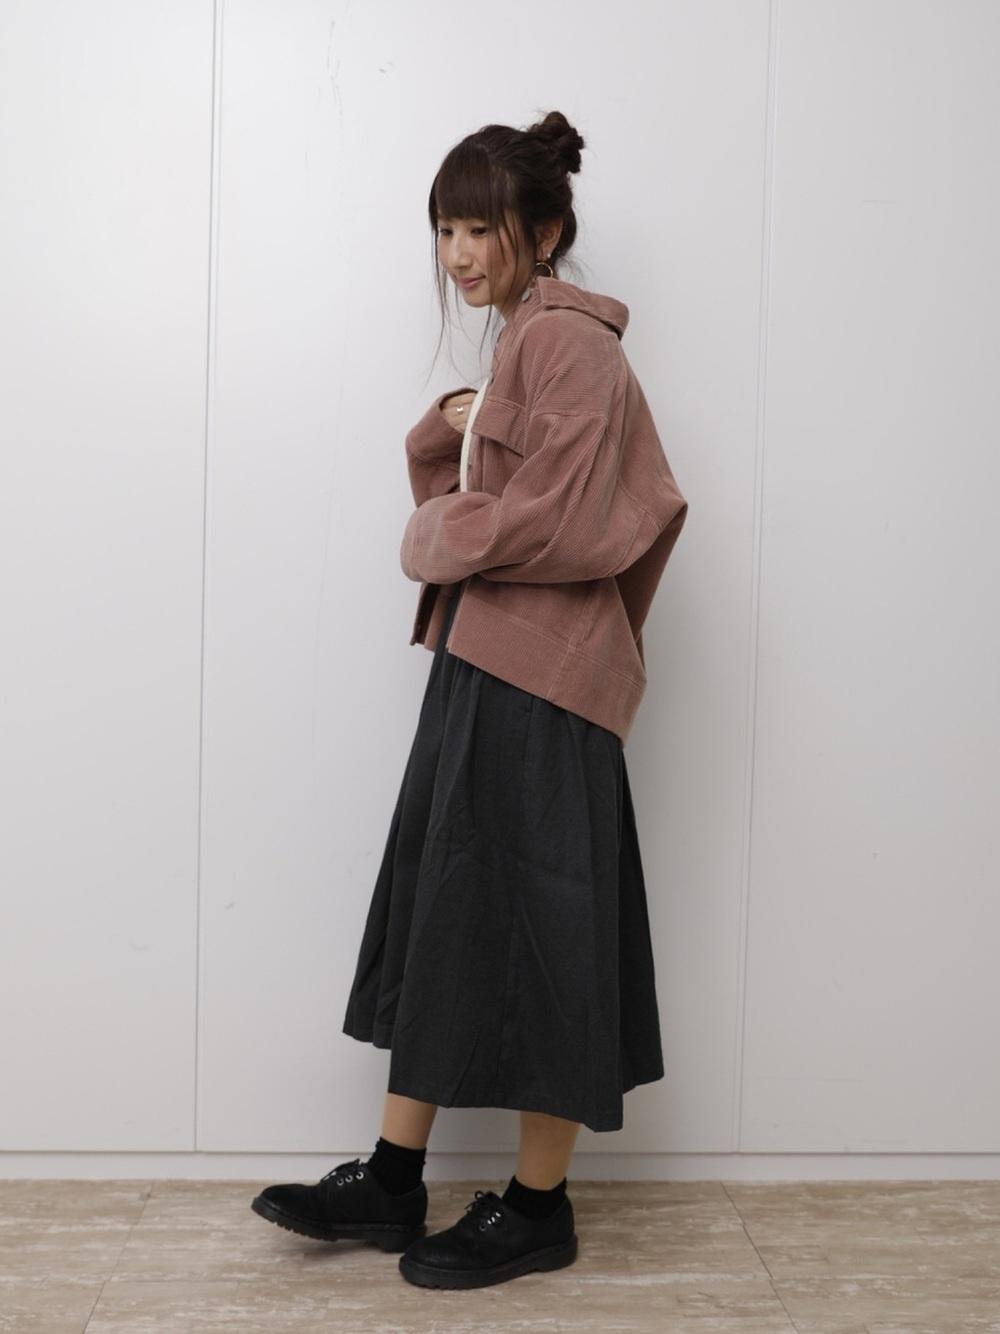 アンニュイな雰囲気のダークグレースカート×ピンクブルゾン